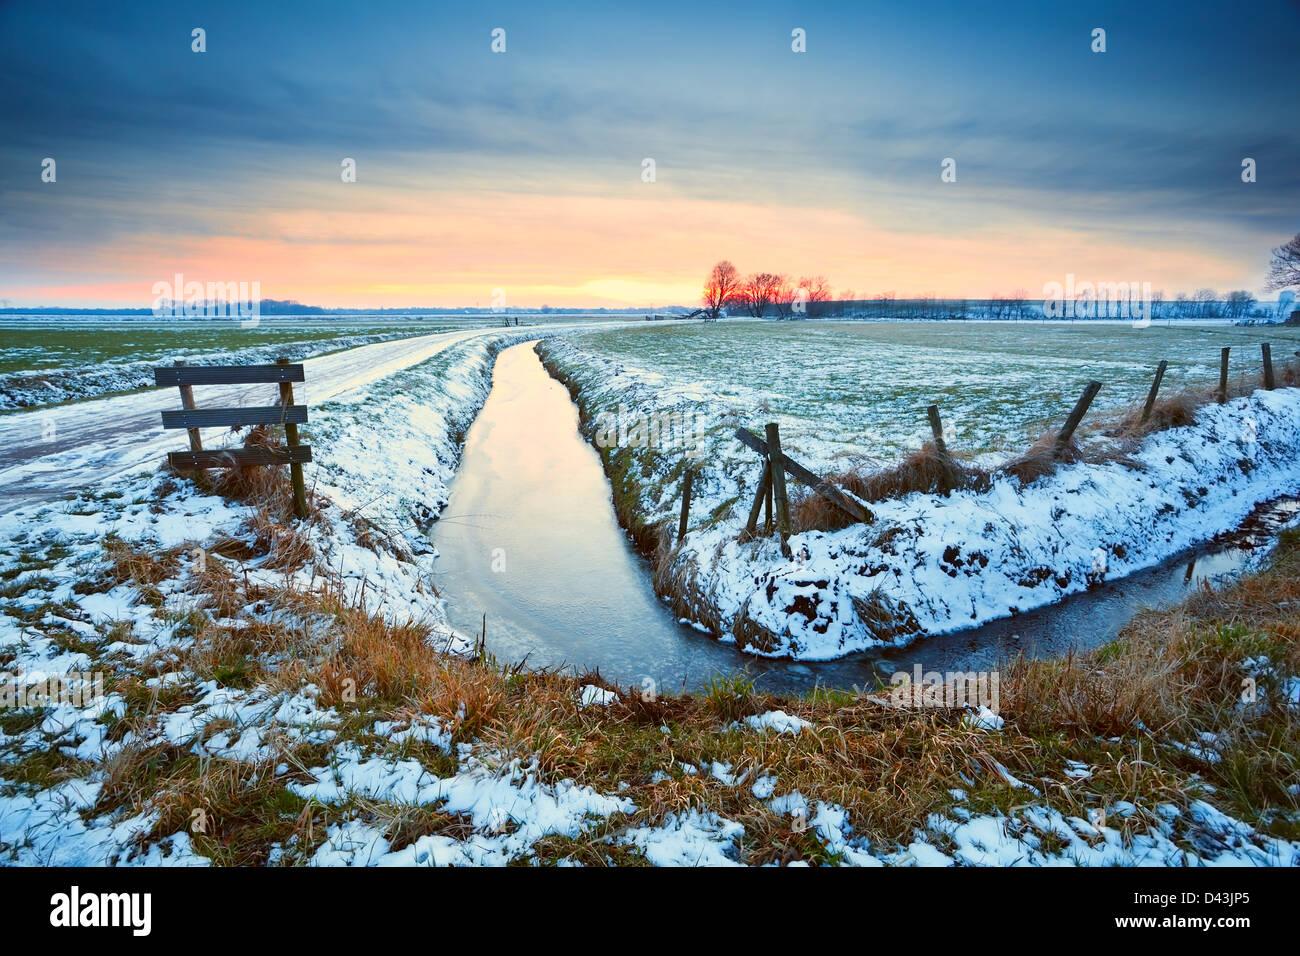 Espectacular puesta de sol sobre Río congelado en tierras holandesas Imagen De Stock